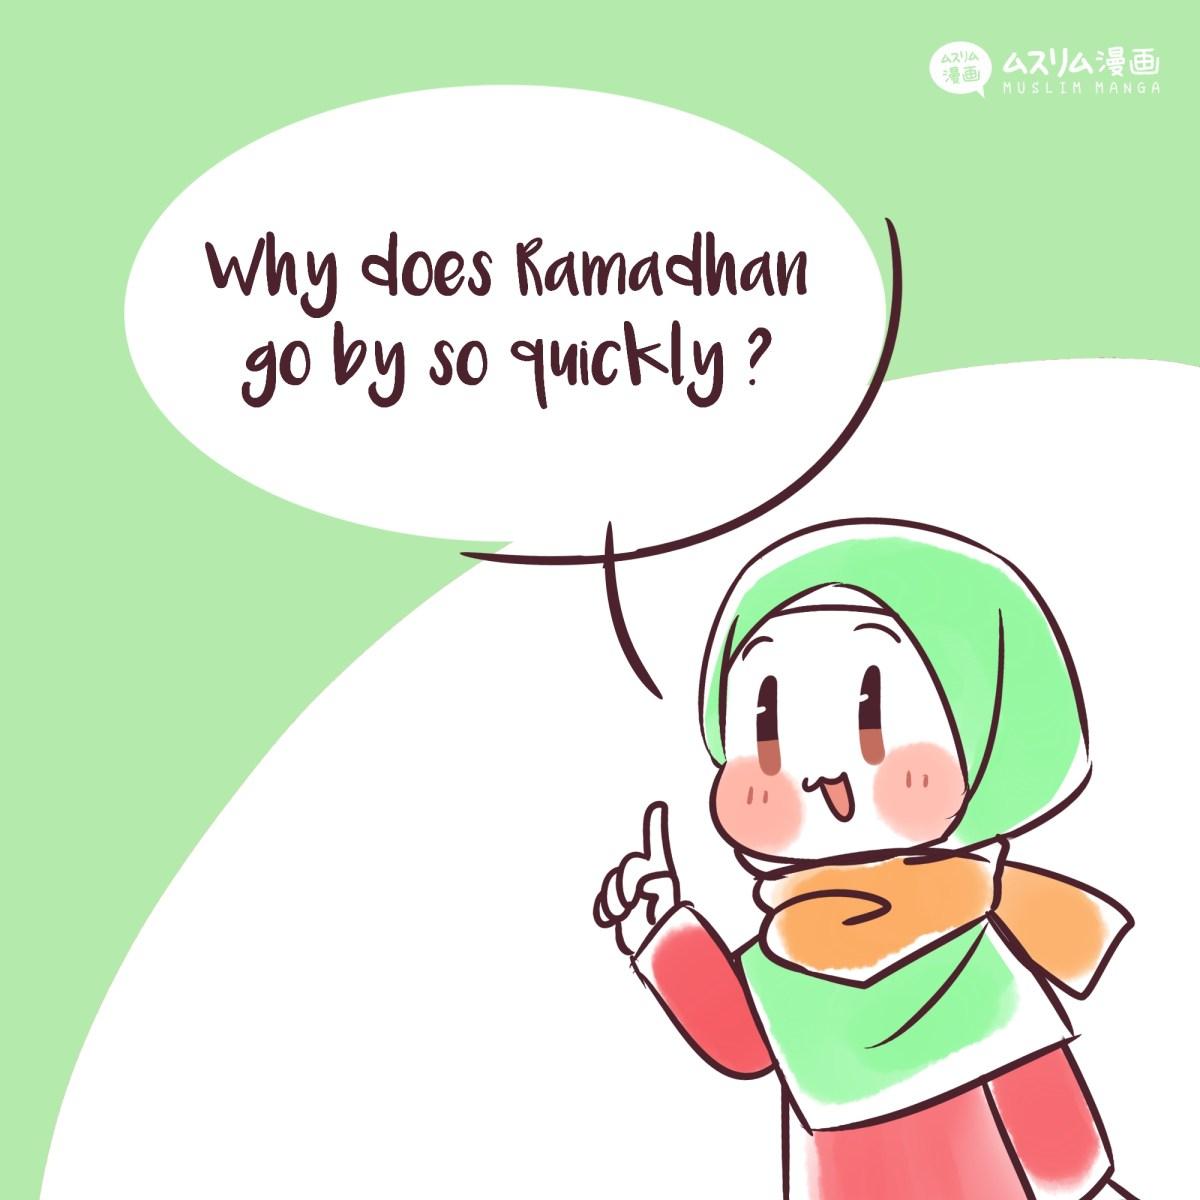 ramadan pun 1